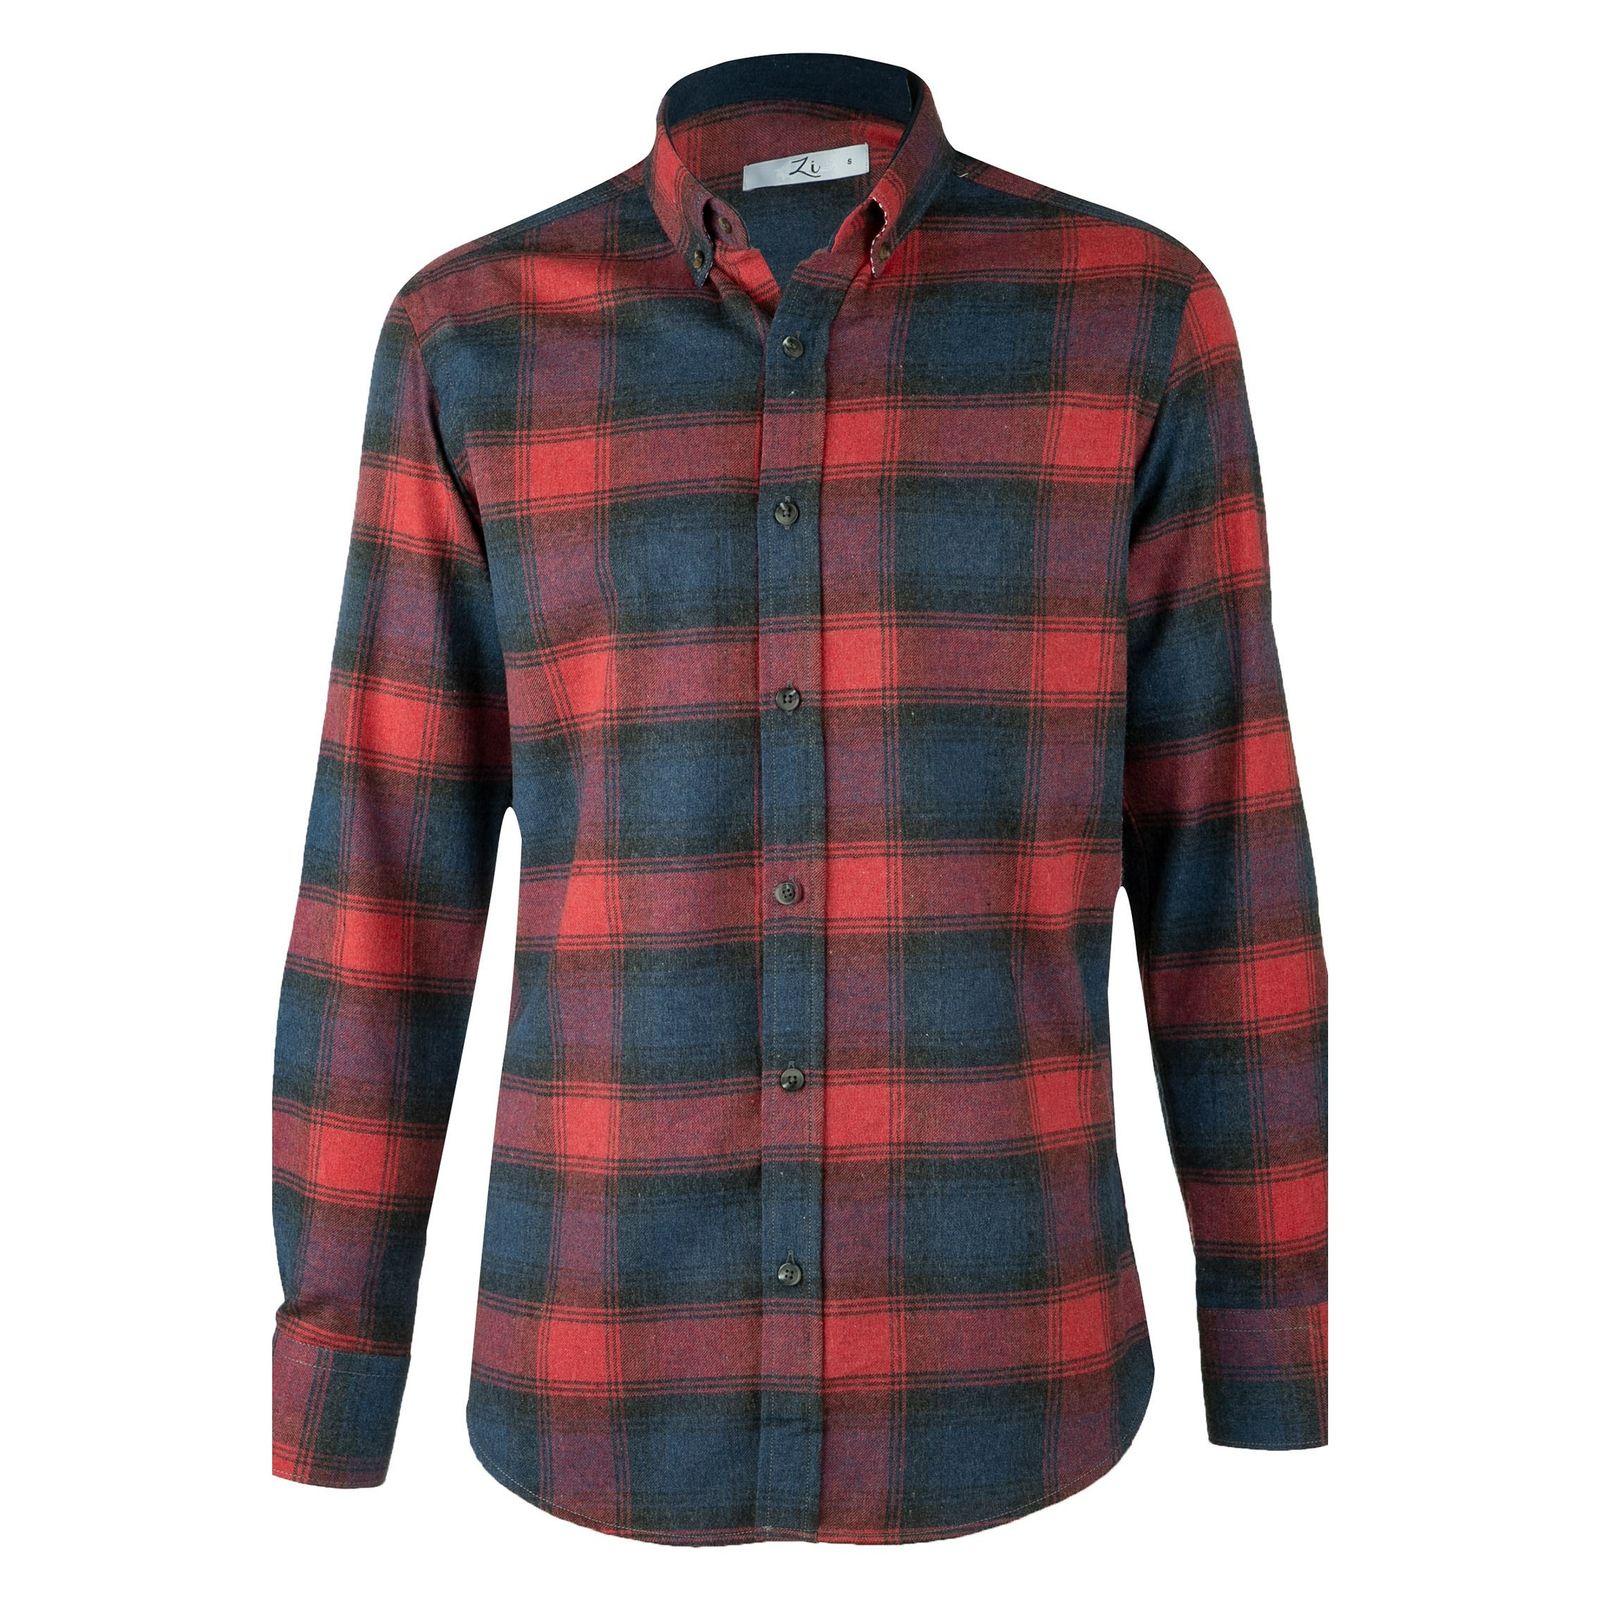 پیراهن نخی آستین بلند مردانه - زی - سرمه اي و طوسي - 1